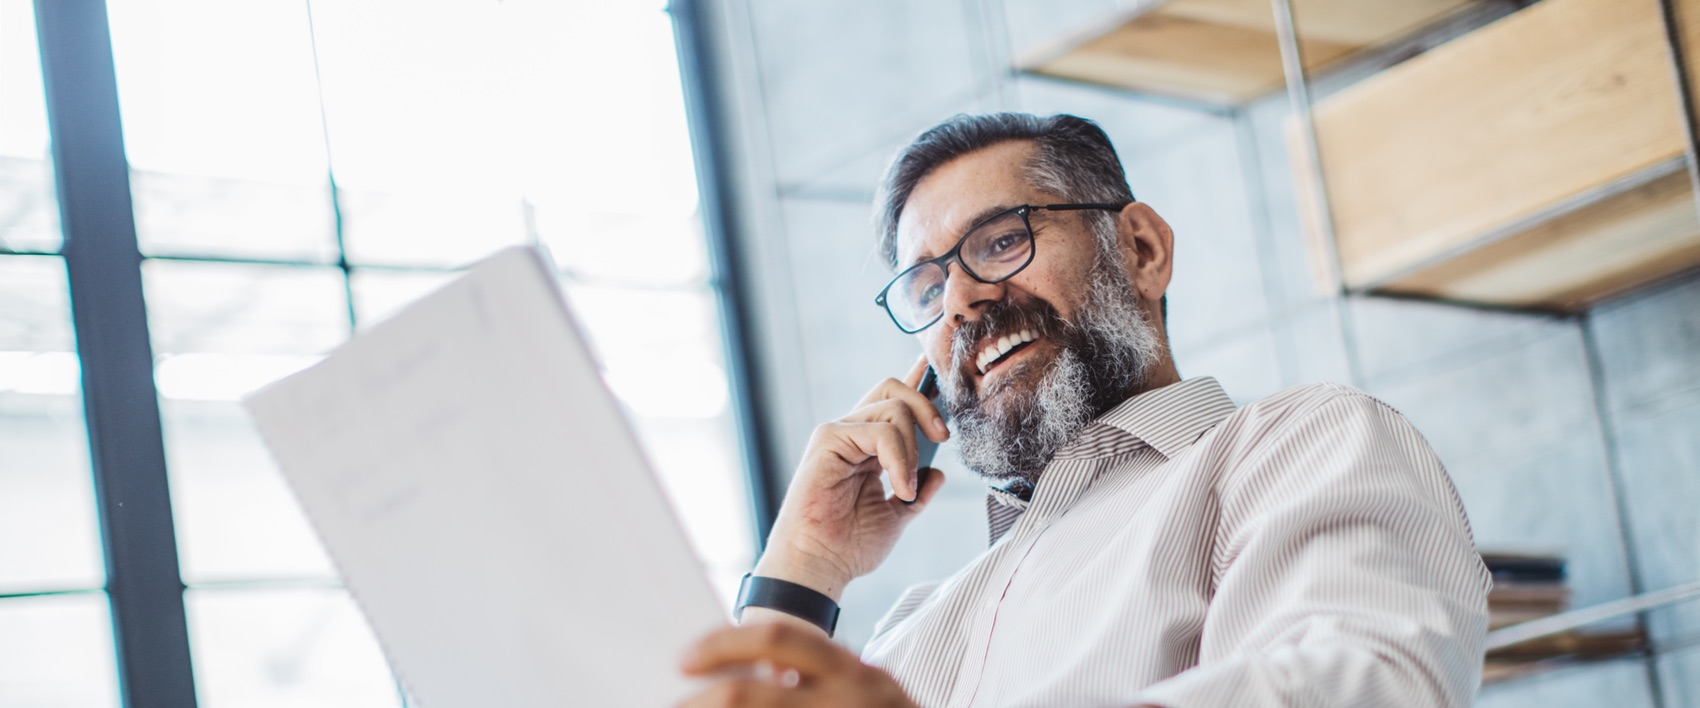 Mann im Büro mit Brille schaut sich Unterlagen an, während der telefoniert.